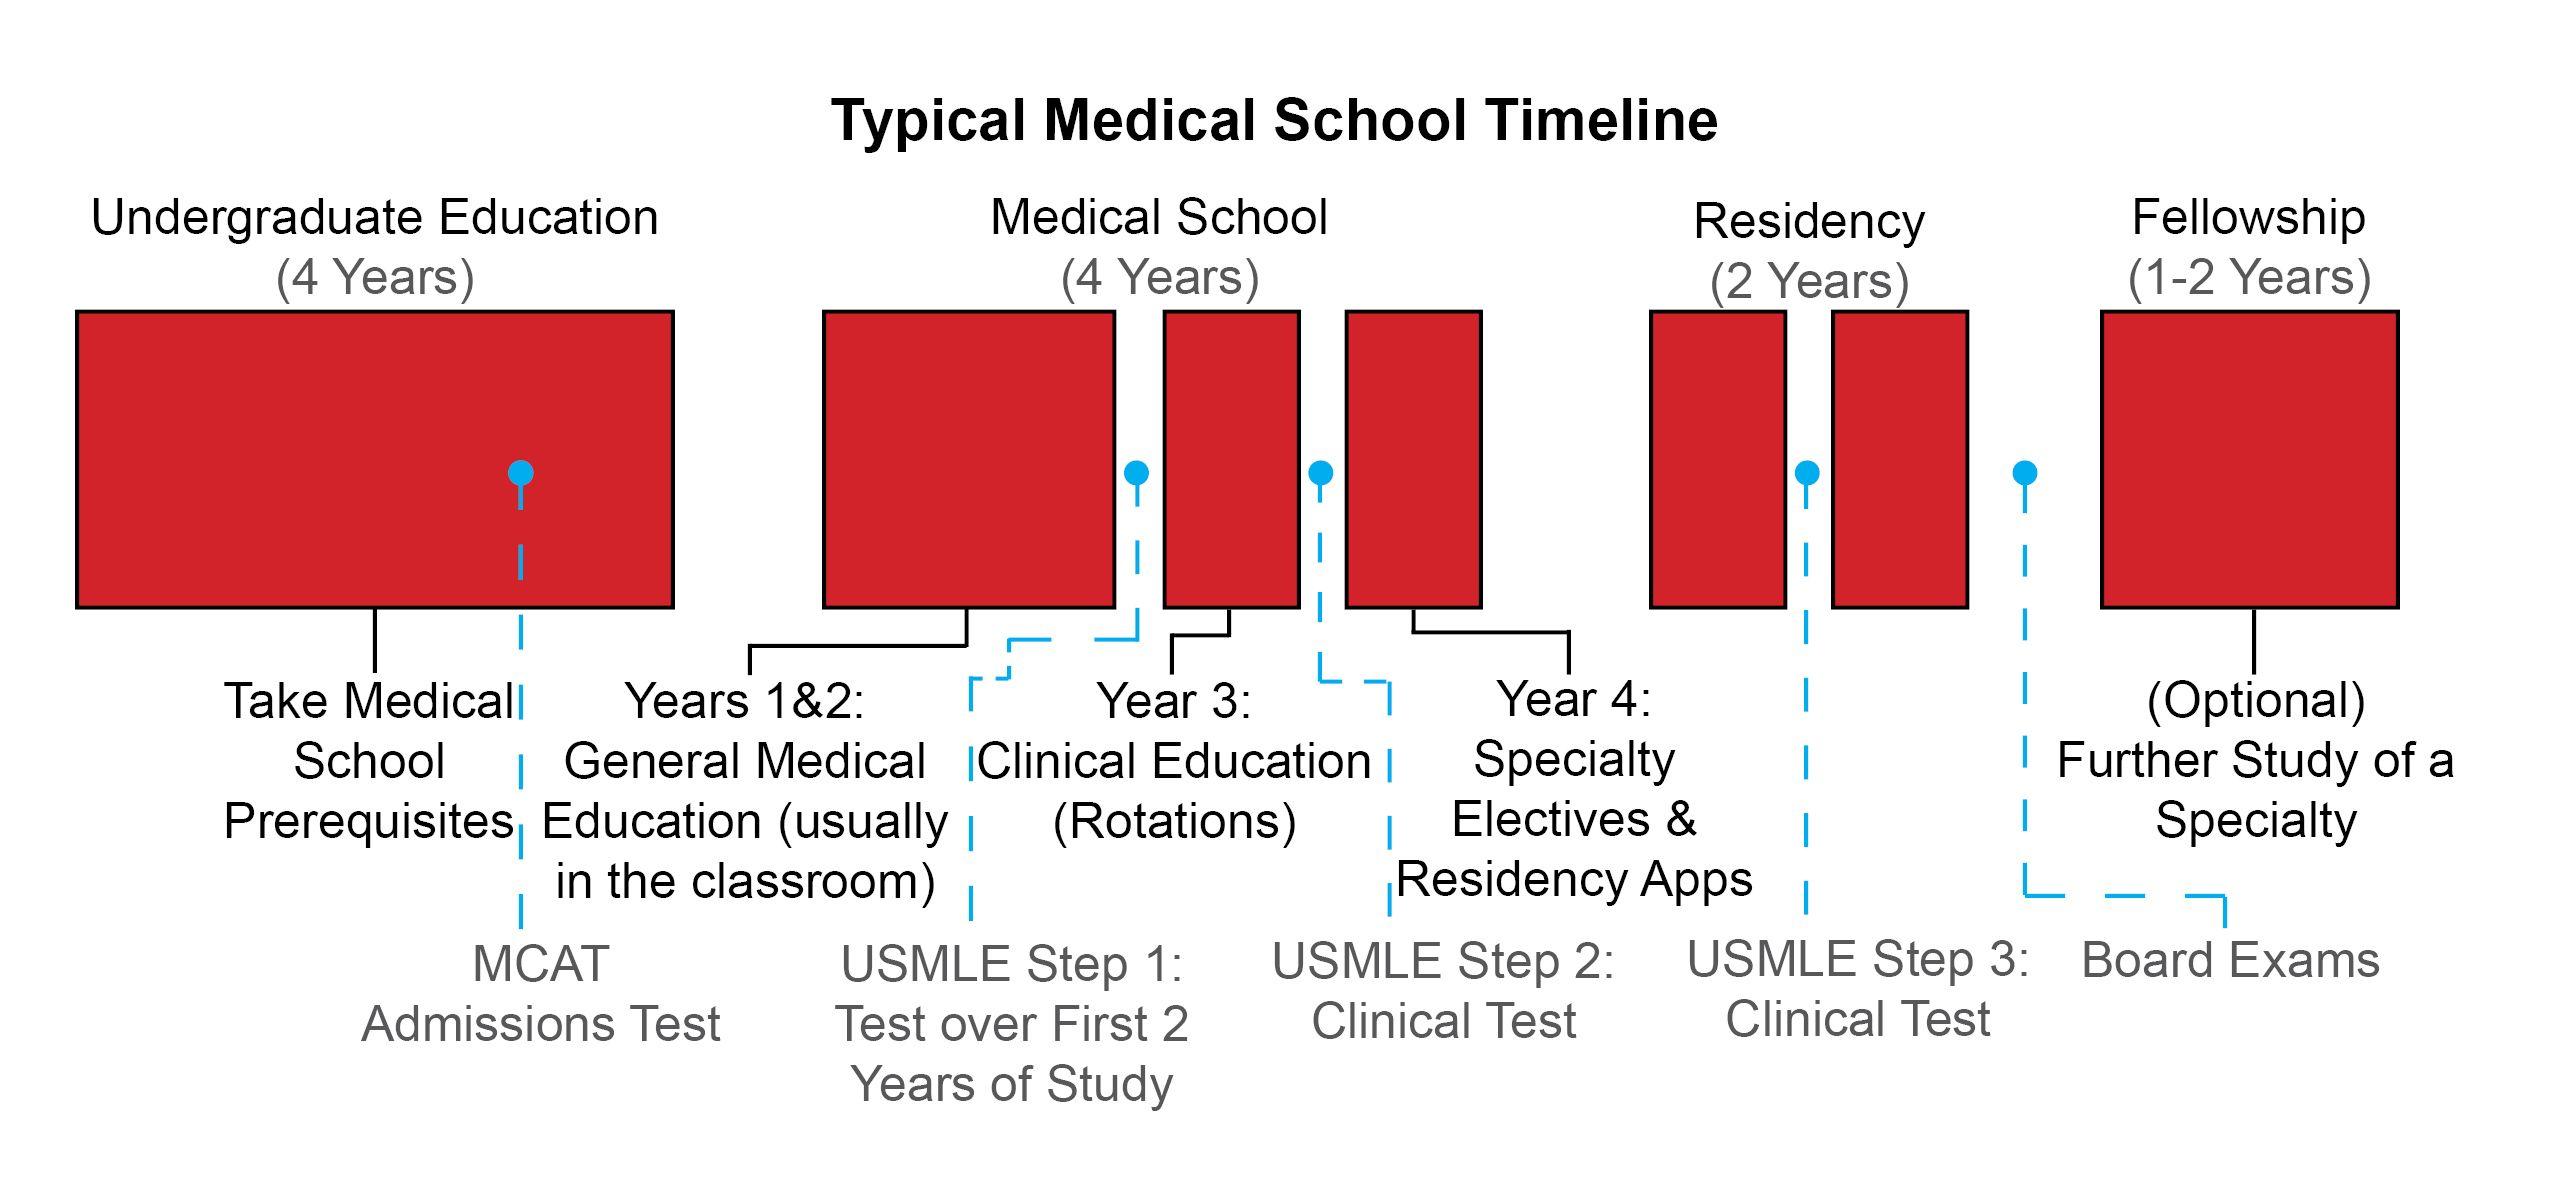 medical school timeline | Med School Timeline | science & medicine